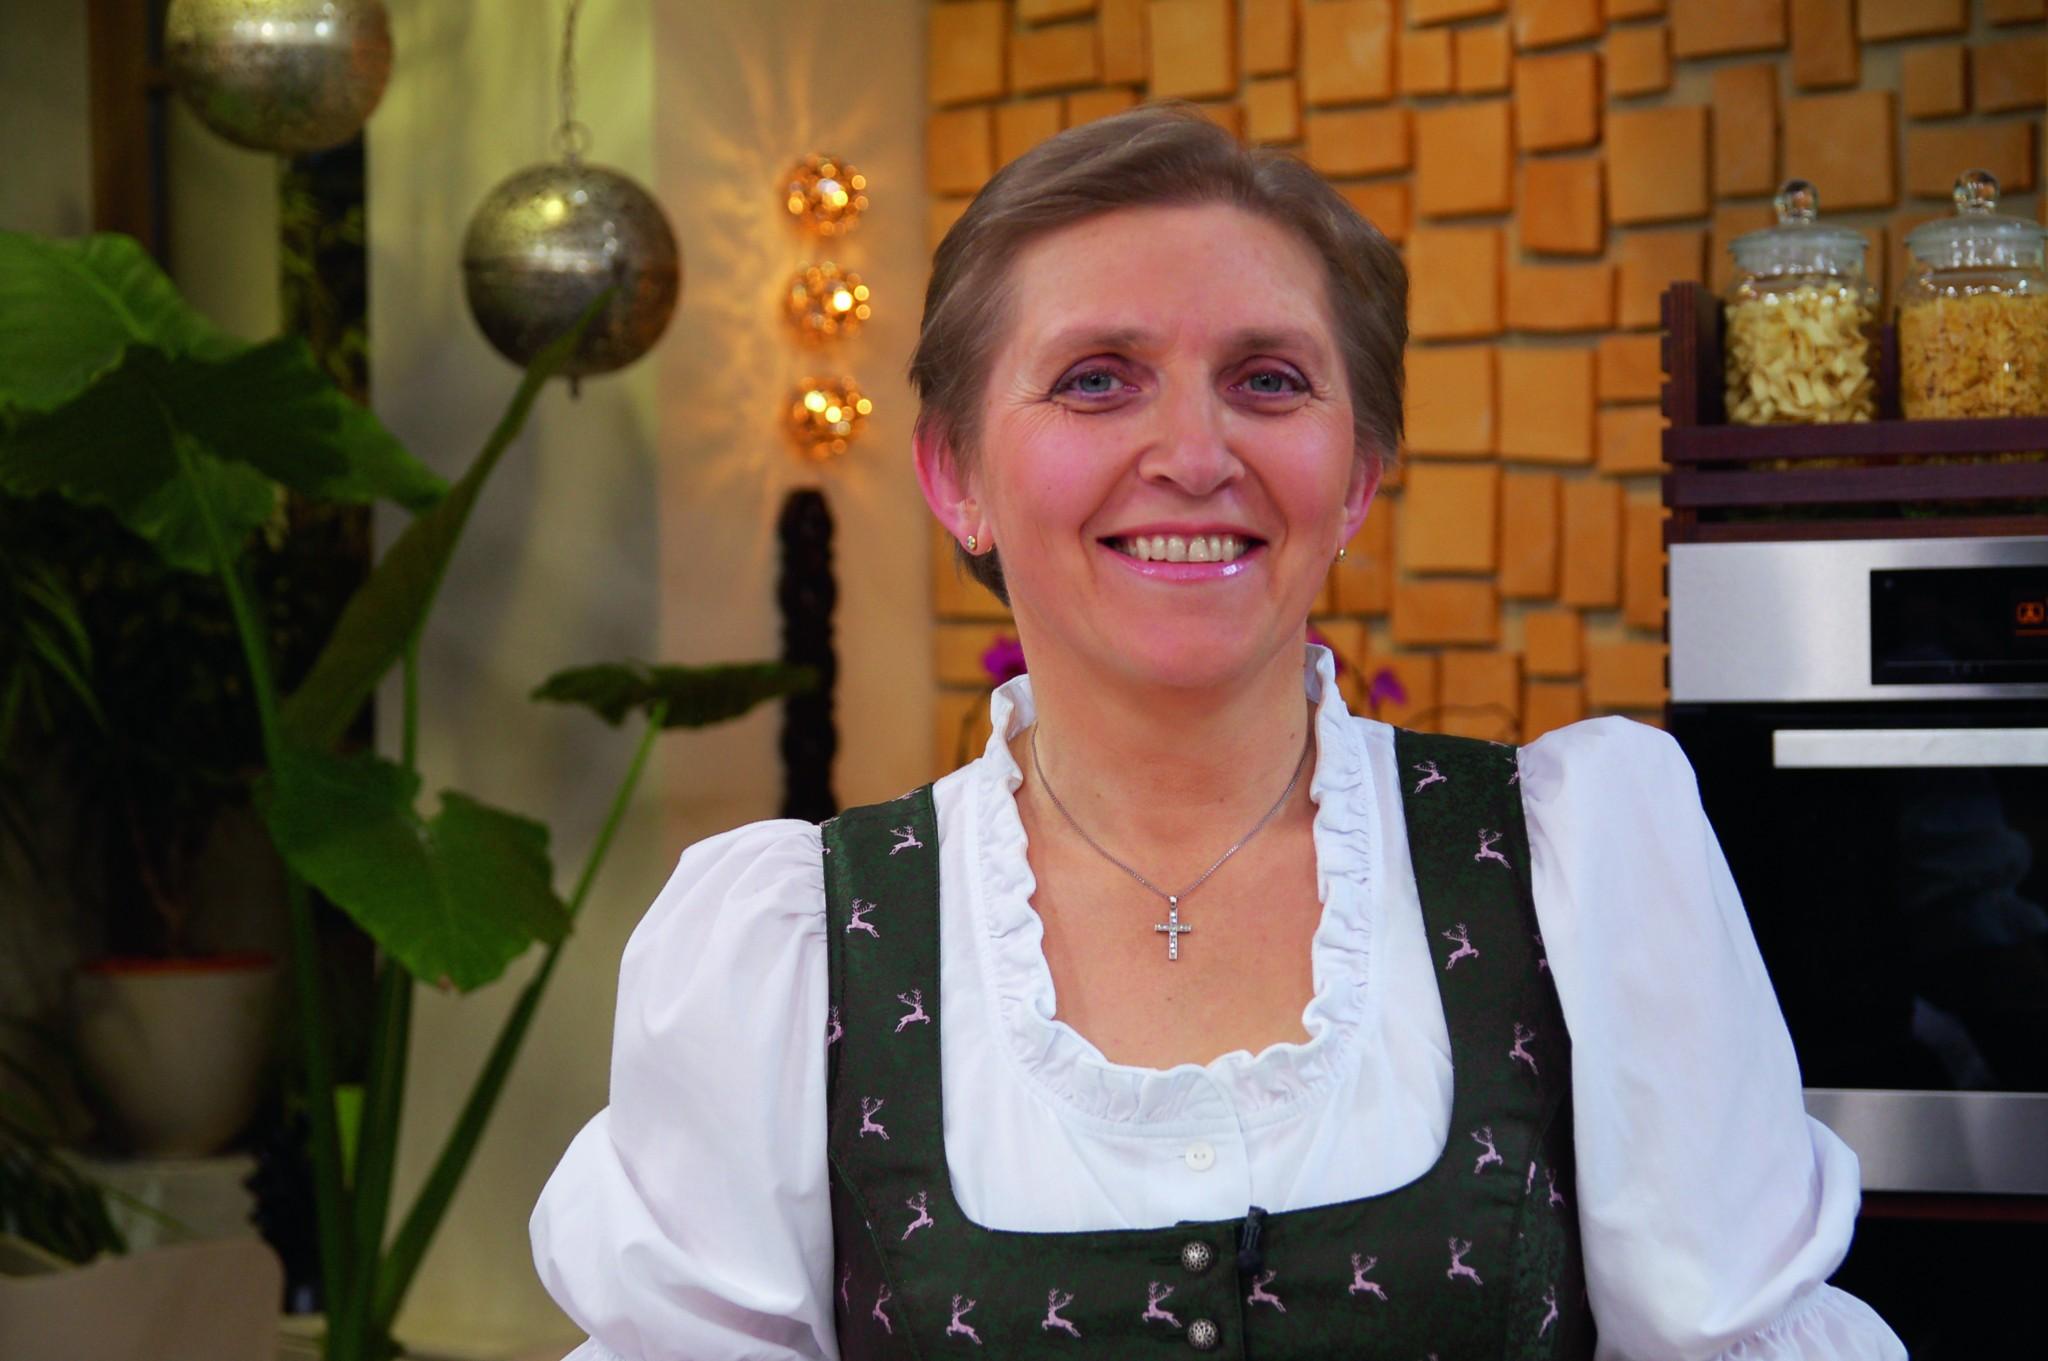 Foto: Ingrid Pernkopf